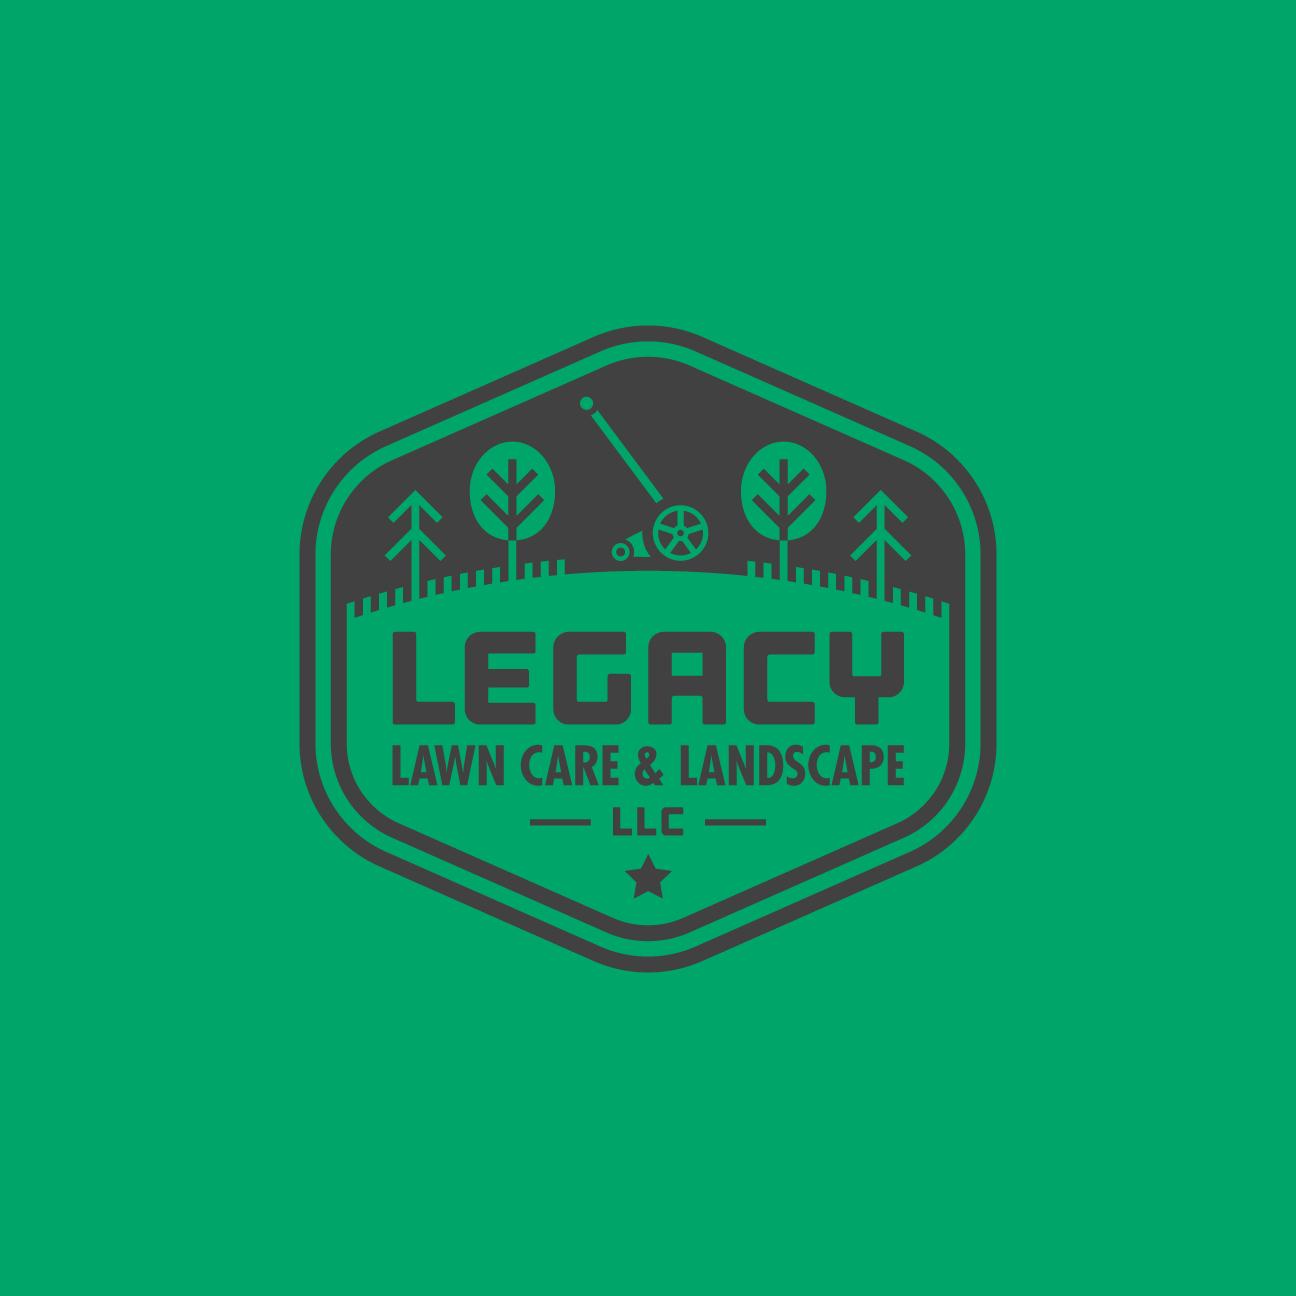 Legacy Lawn Care & Landscape Logo